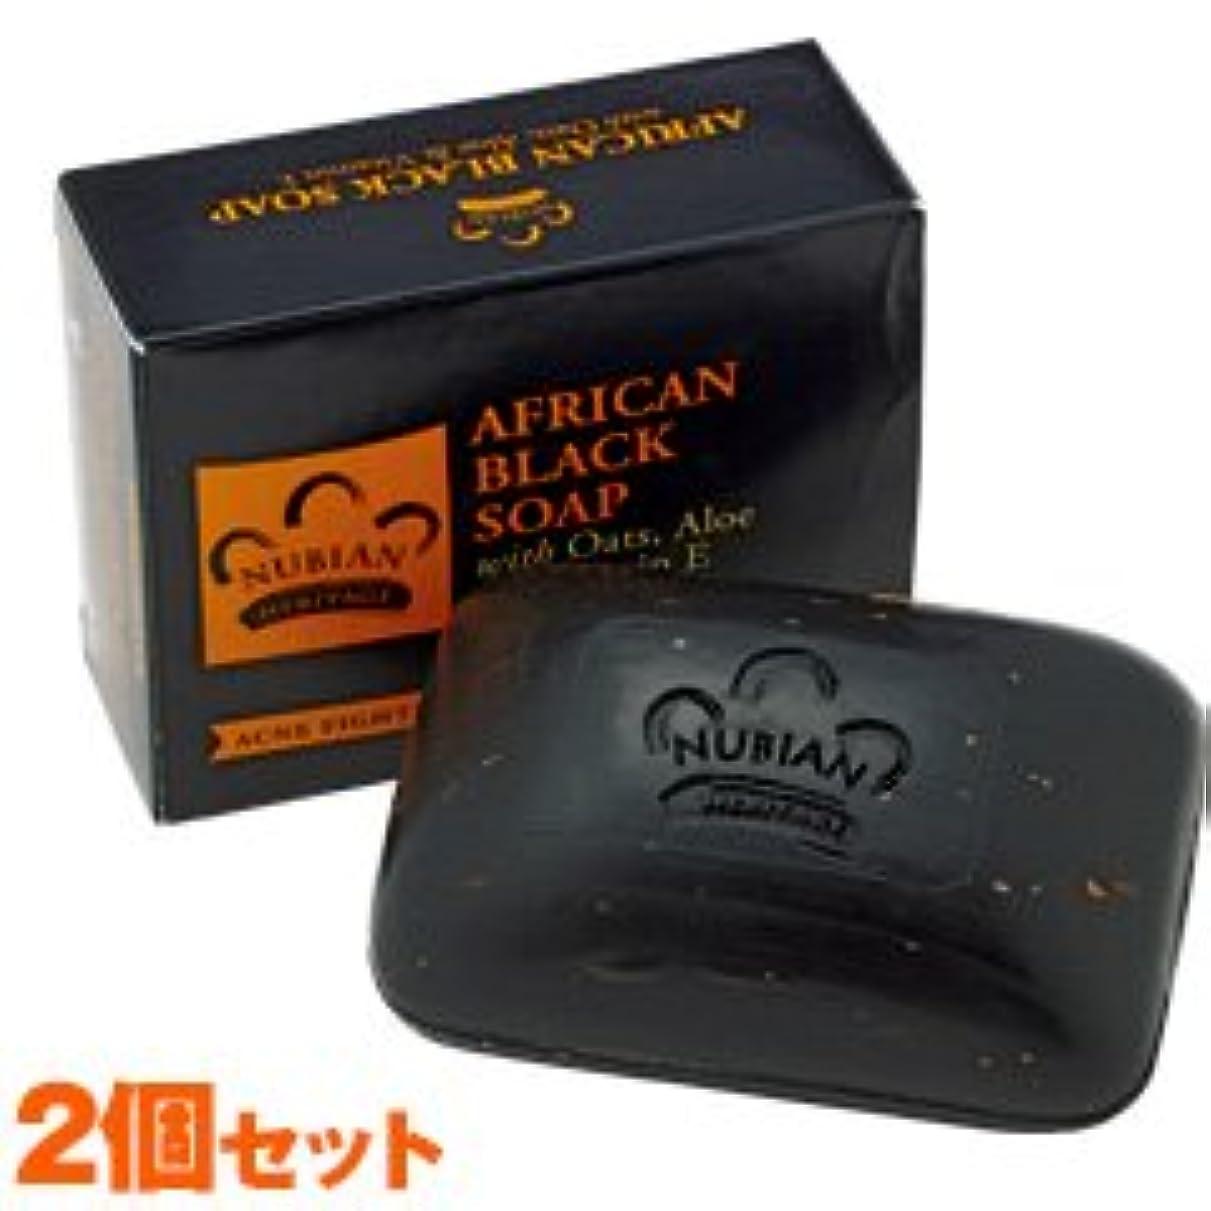 散る主要な古くなったヌビアン ヘリテージ(NUBIAN HERITAGE)アフリカン ブラック ソープバー 2個セット 141gX2[並行輸入品][海外直送品]